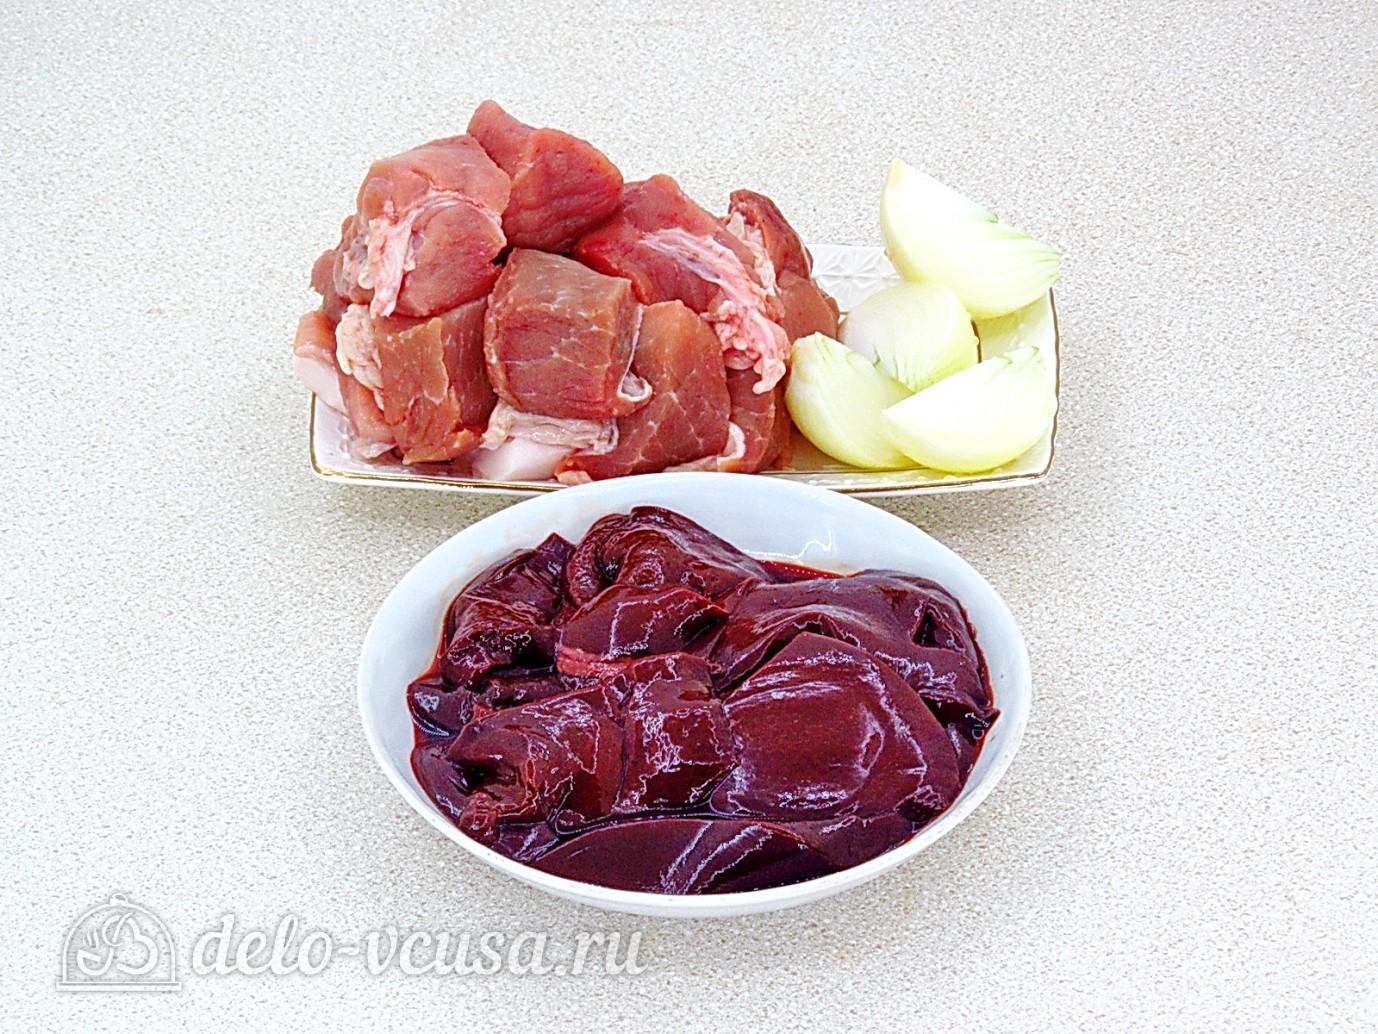 Котлеты из свинины с печенью: Подготовить мясо и печень